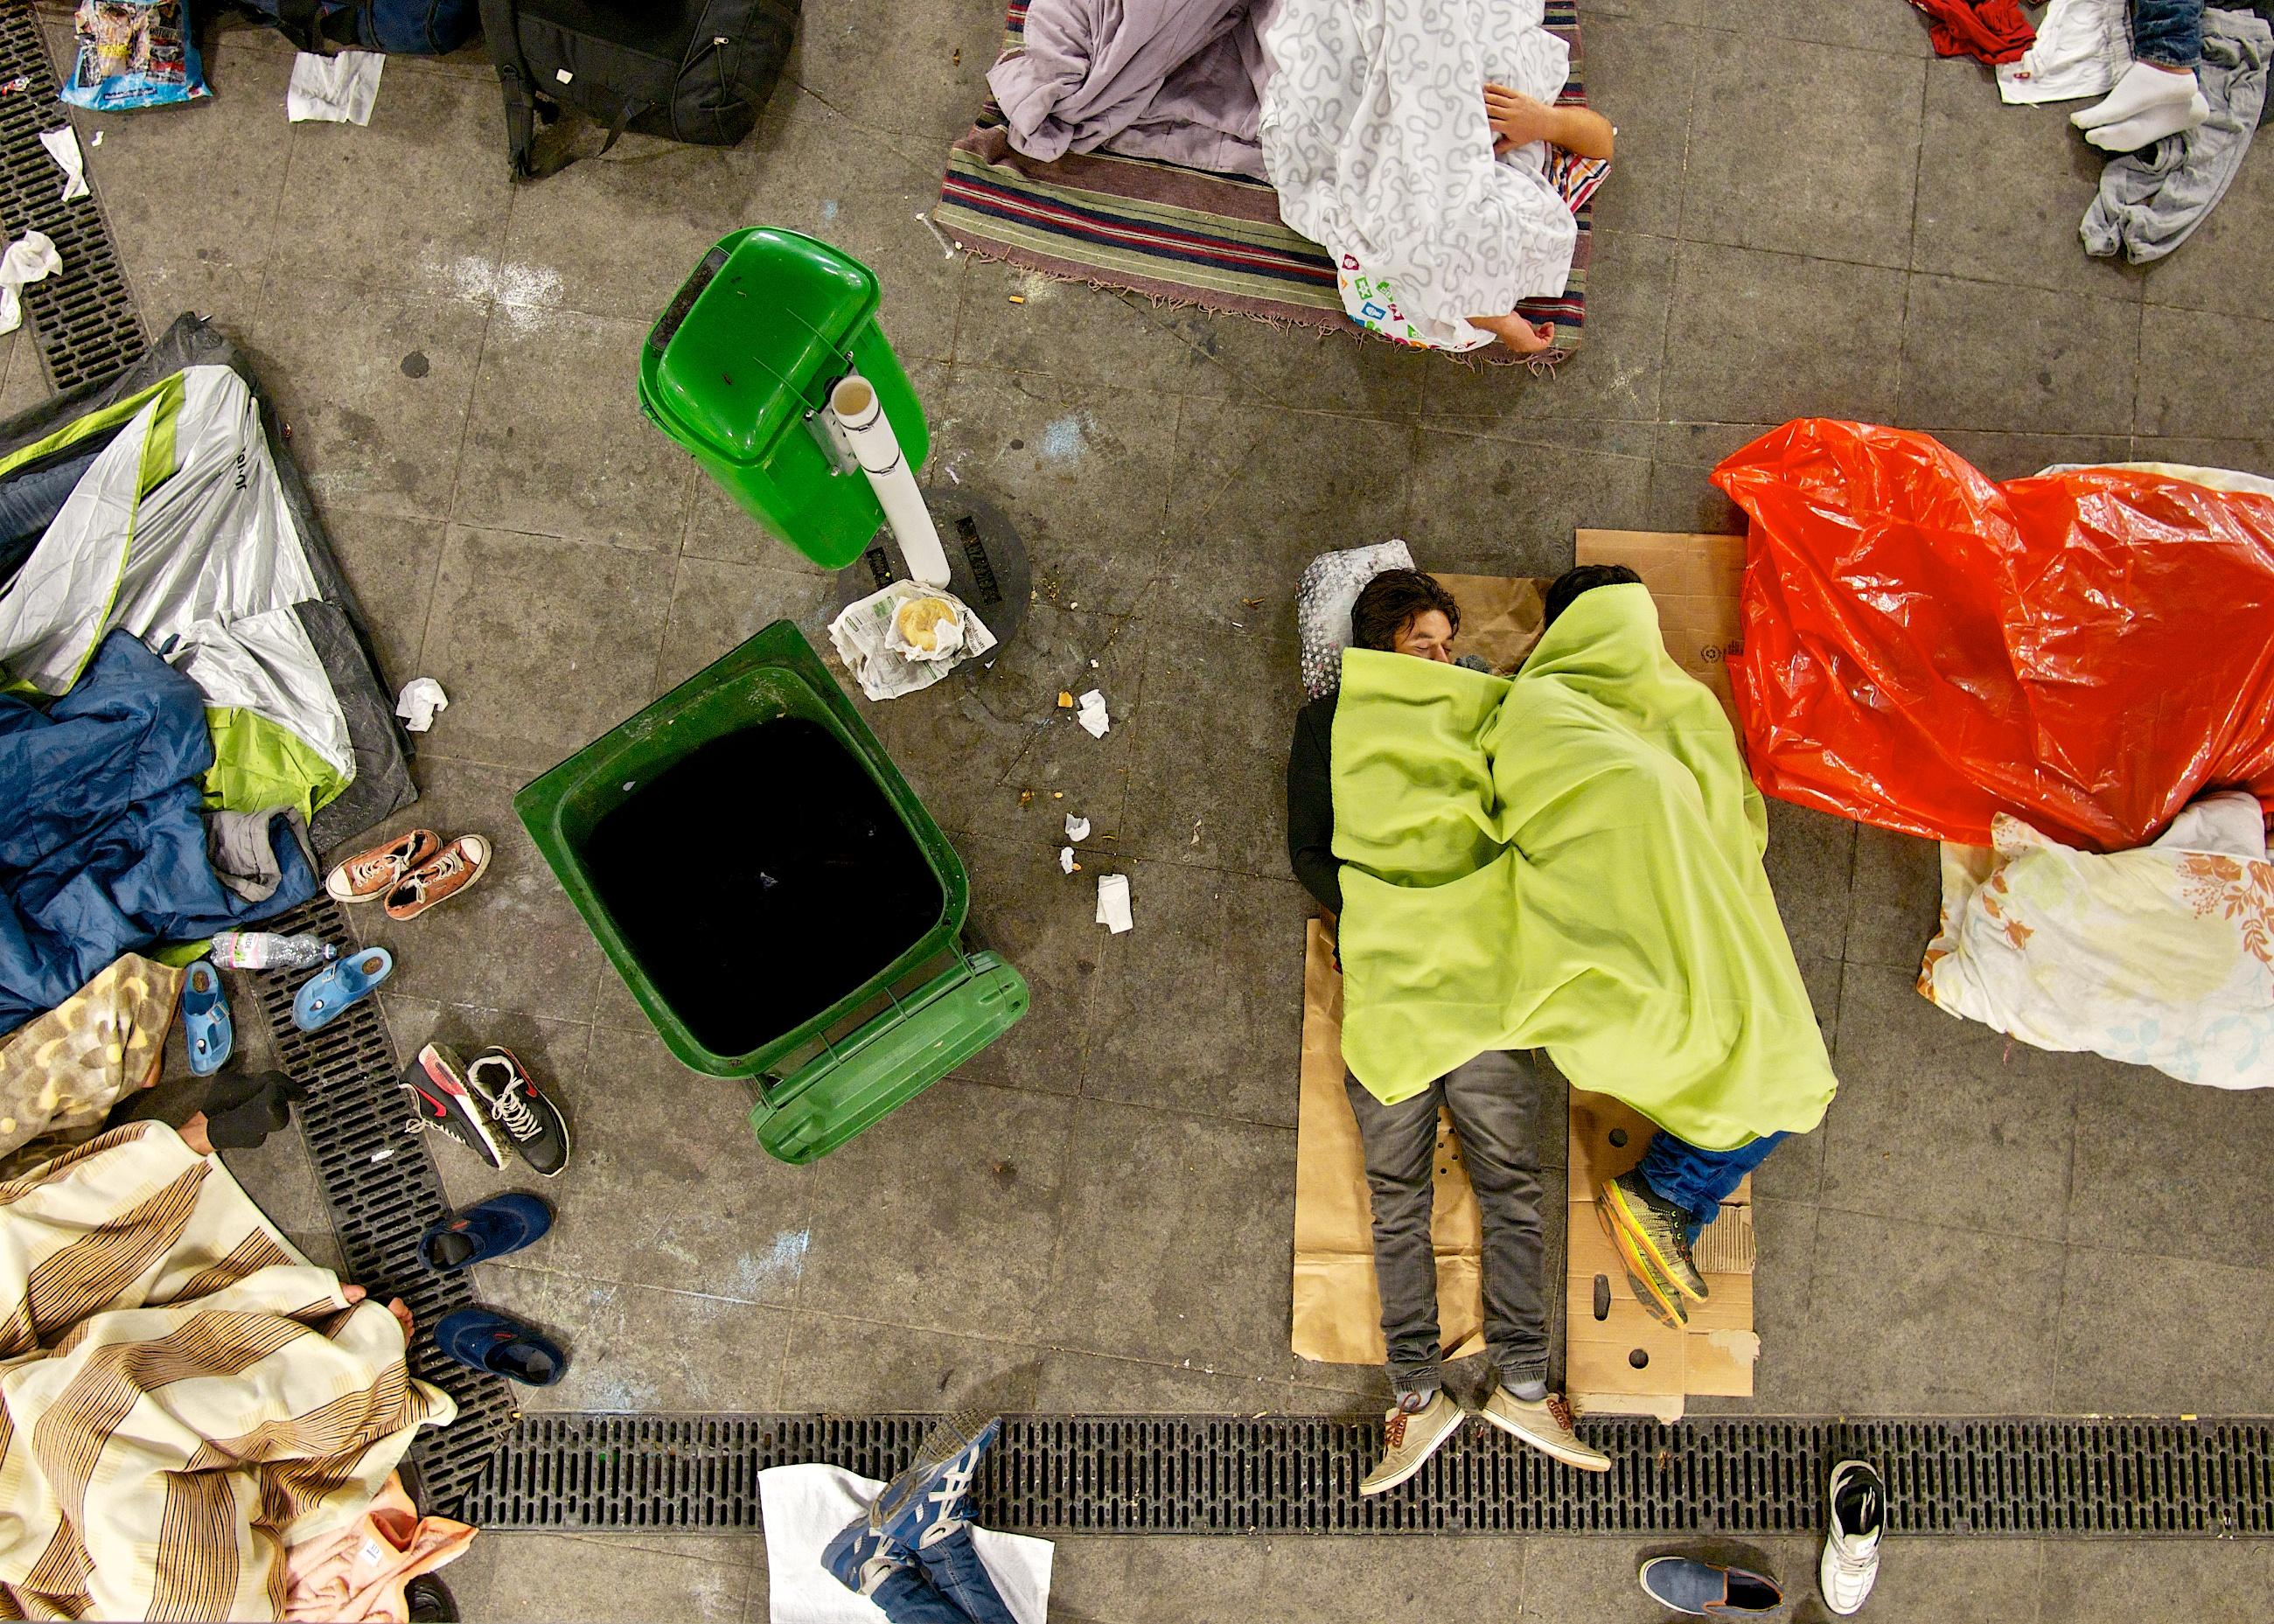 Flüchtlinge schlafen auf dem Boden